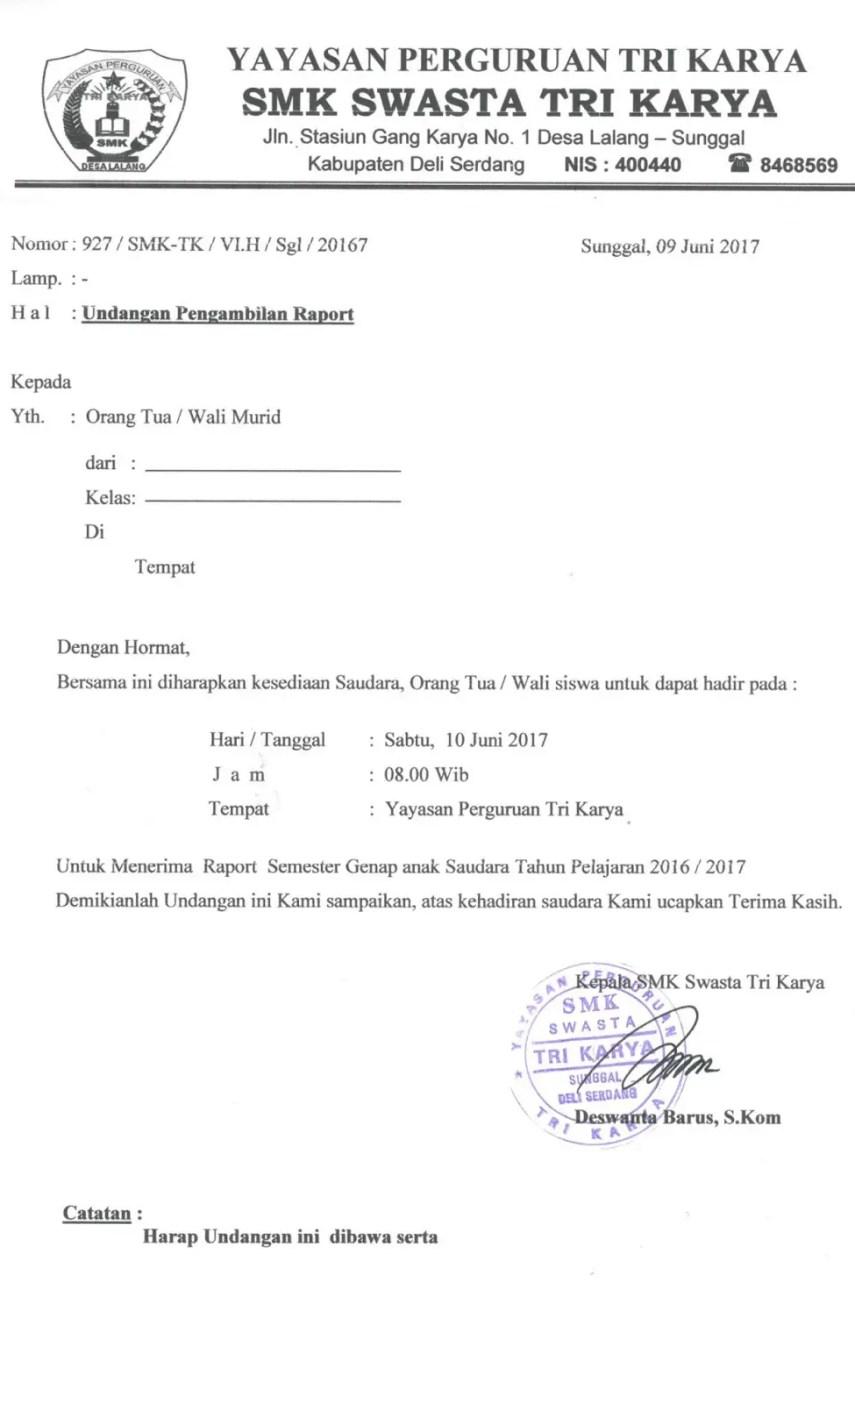 5. Contoh Surat Undangan Pengambilan Raport Sekolah